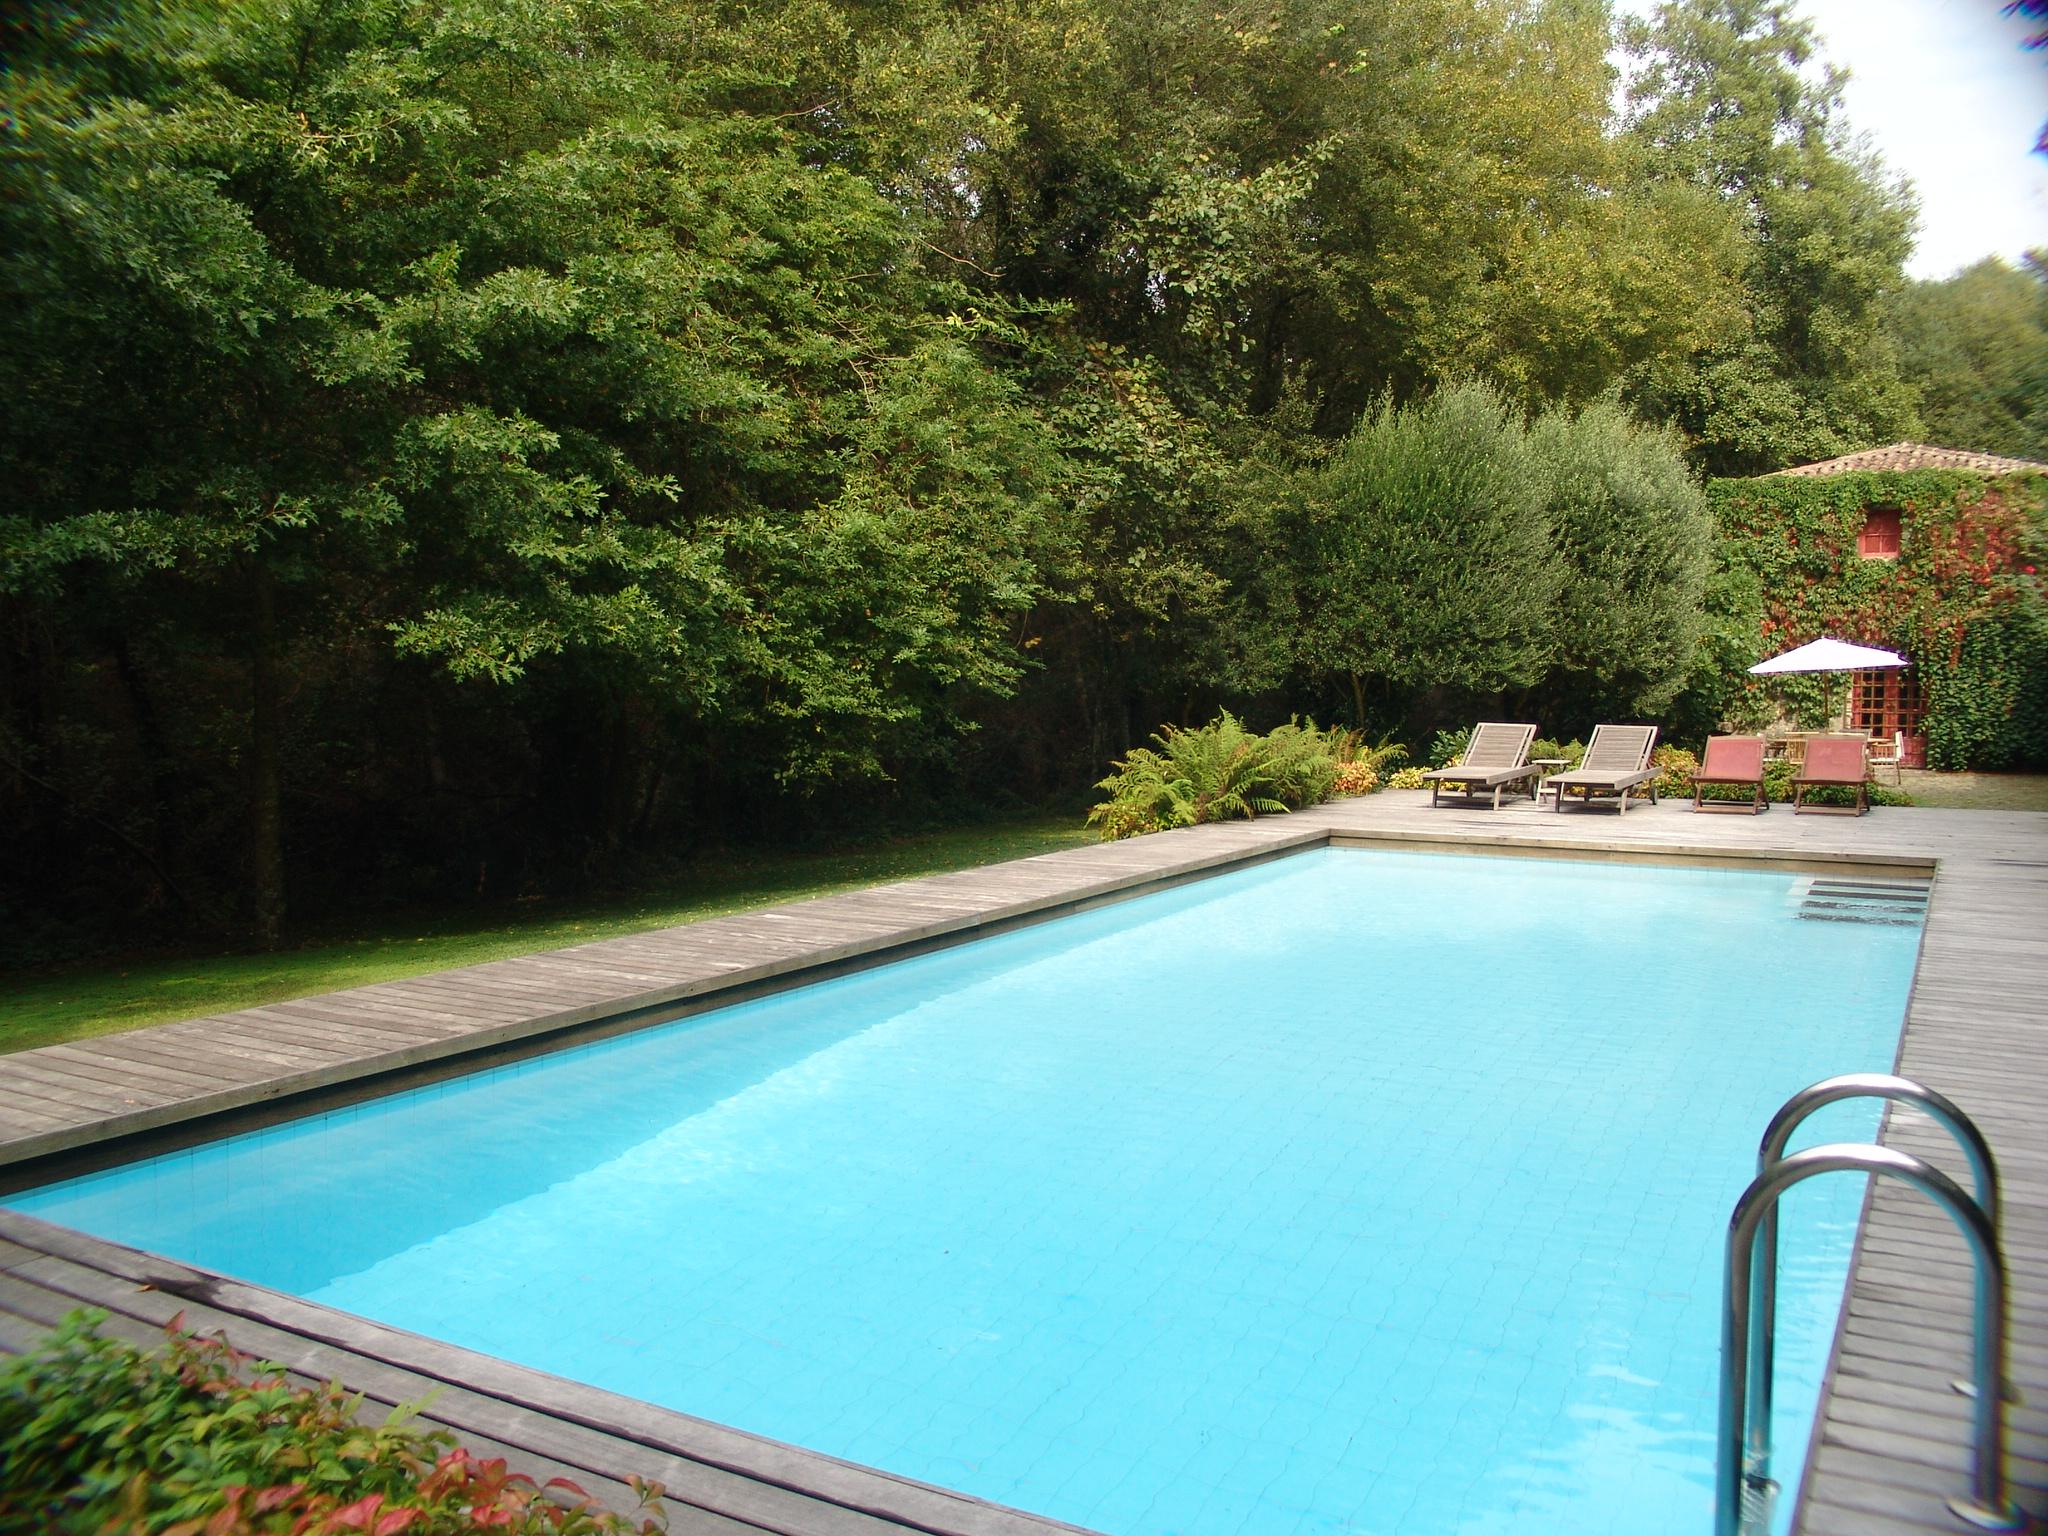 Location Villa Taide Proche Braga 4 Personnes Spv401